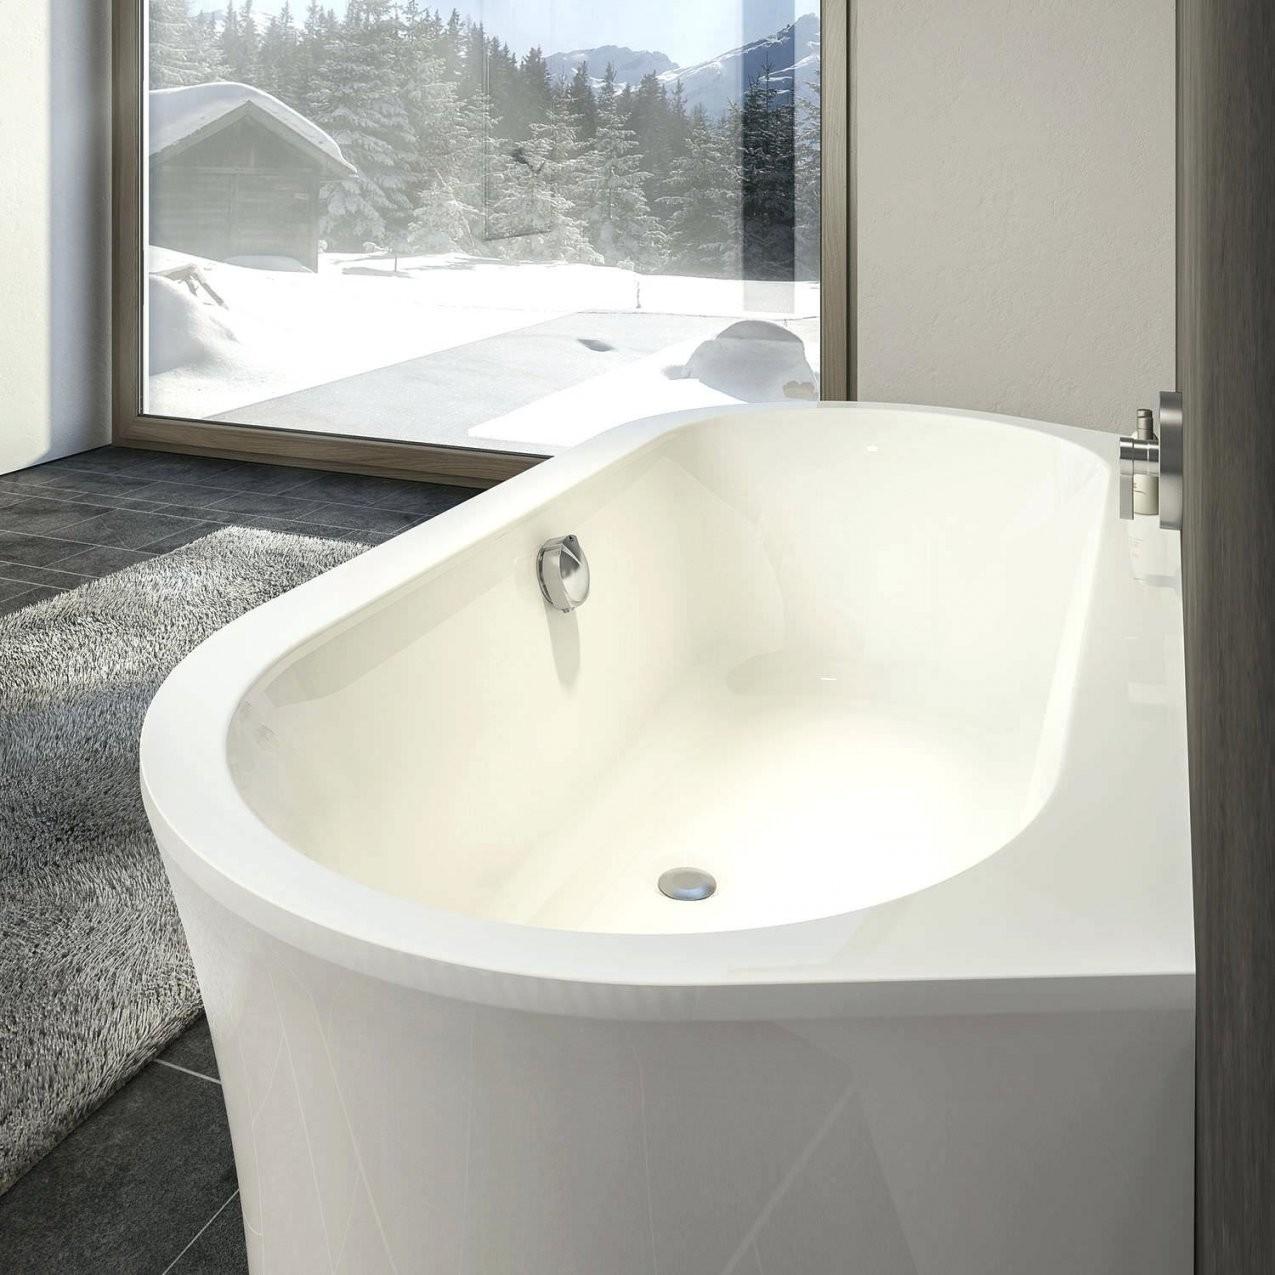 Badewanne Oval Freistehend Für Badewanne Freistehend Mineralguss Top von Ovale Badewanne Freistehend Bild